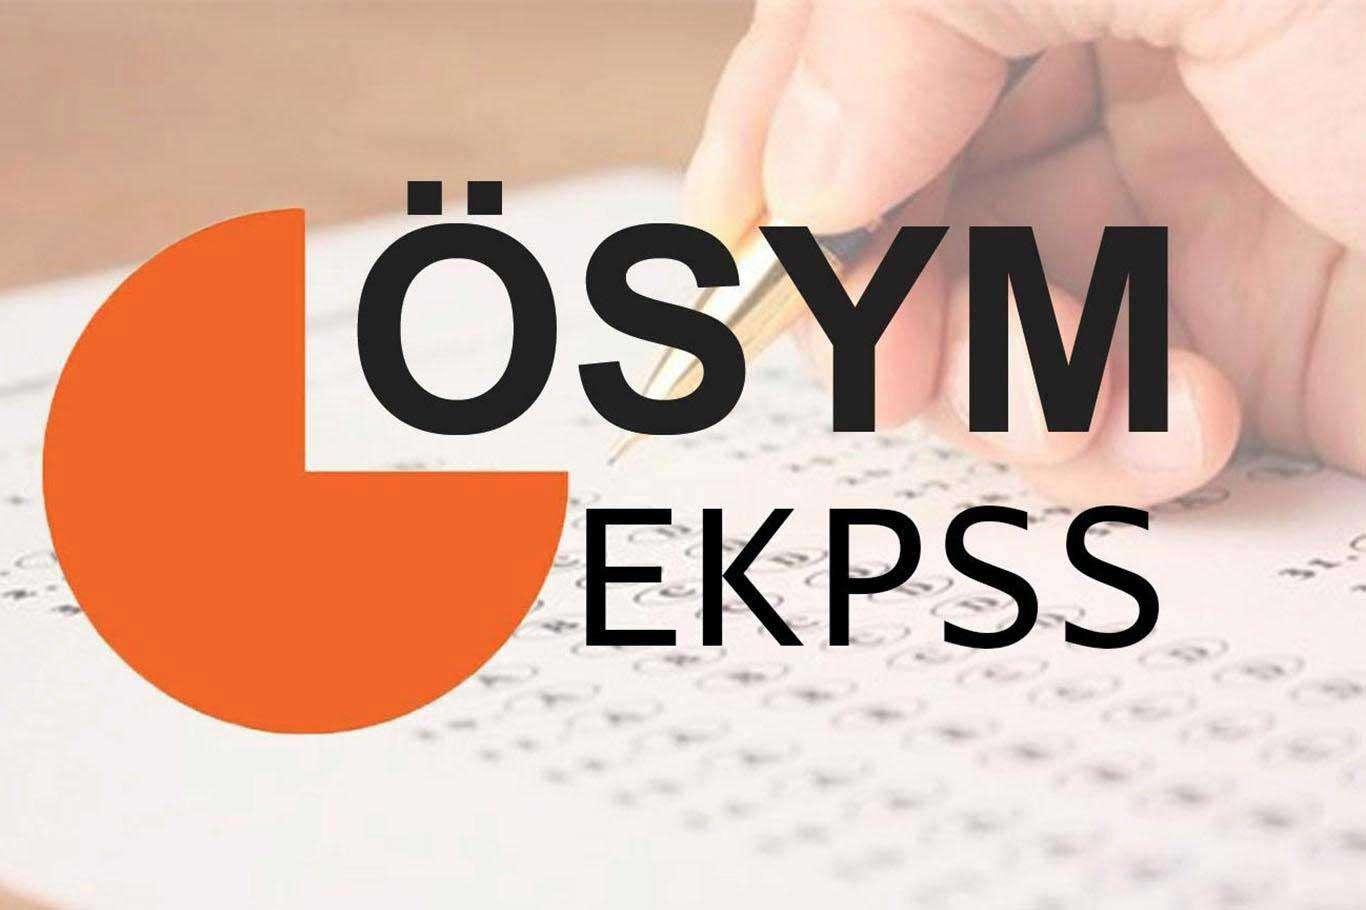 EKPSS Giriş Belgeleri Erişime Açıldı